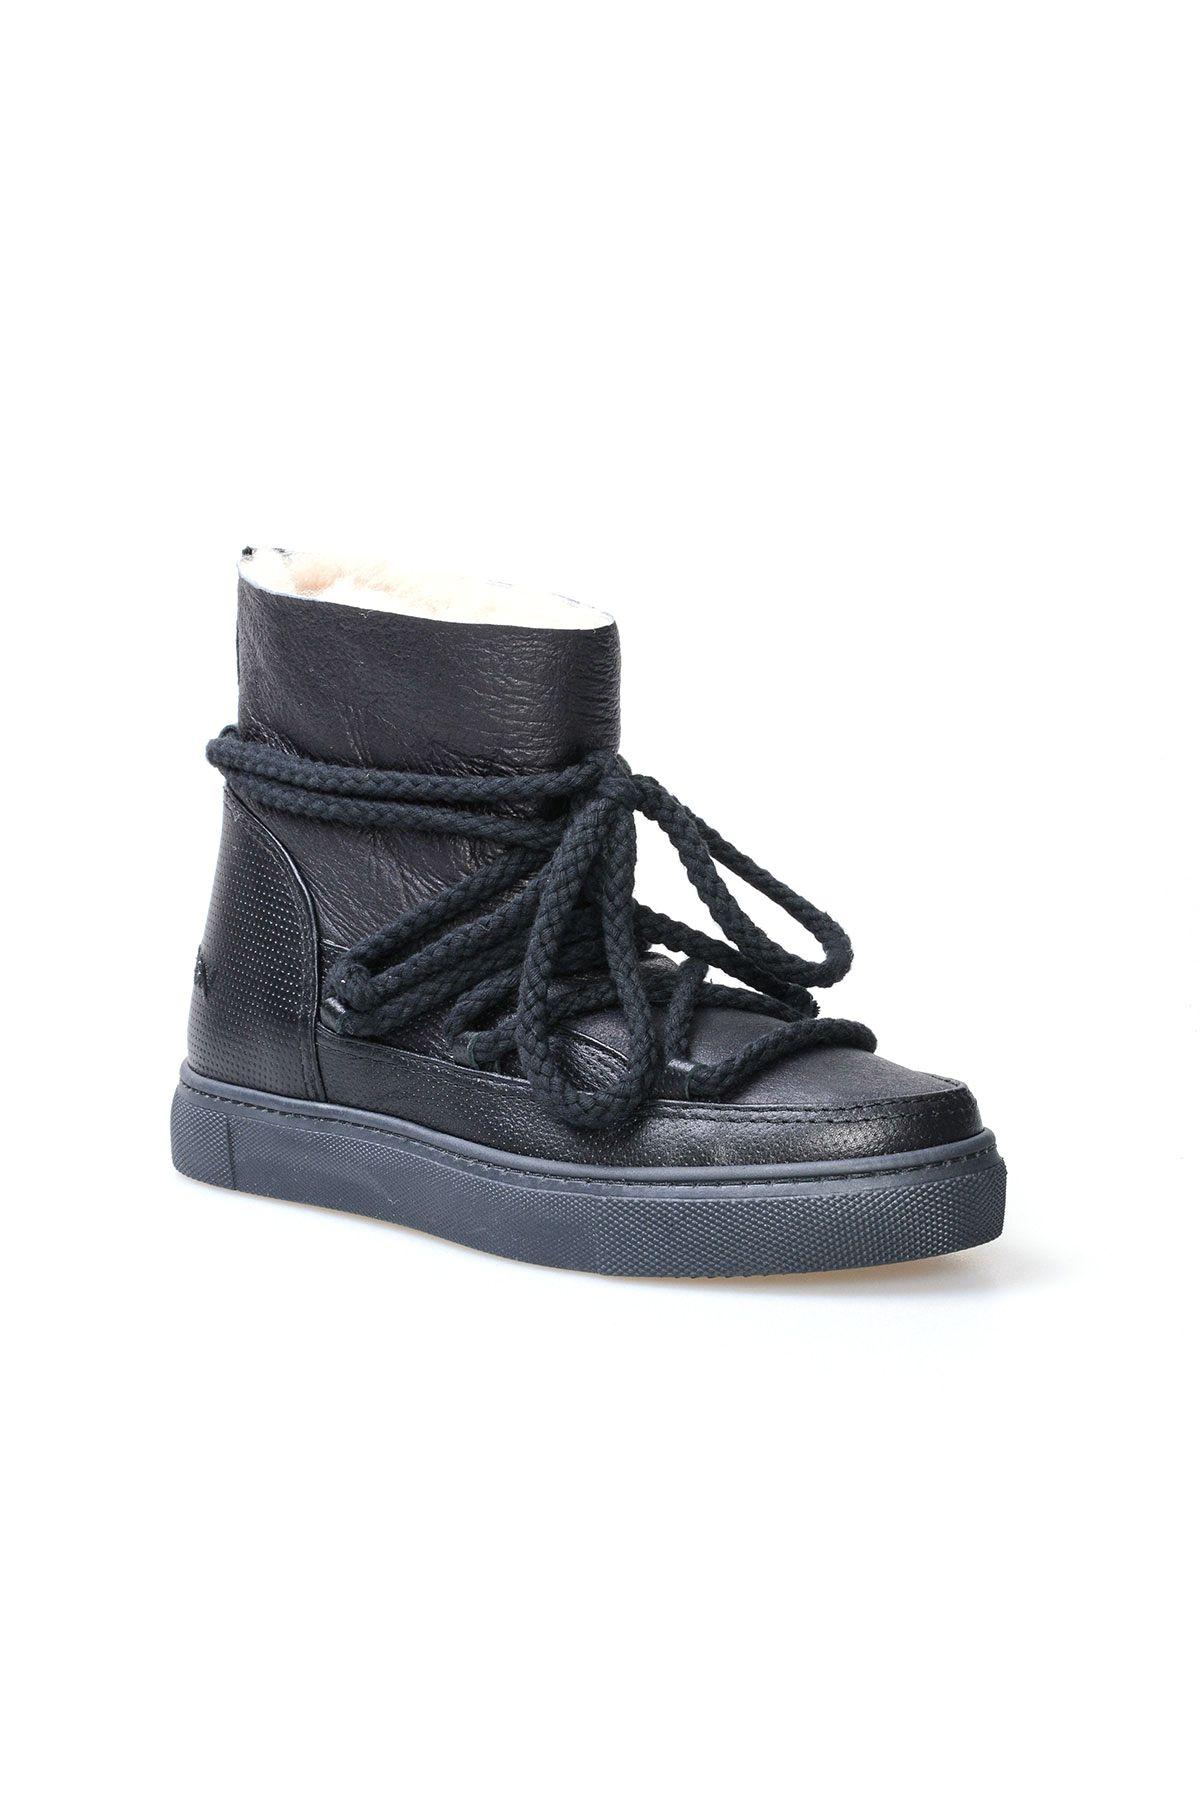 Cool Moon Hakiki Kürk Bayan Sneaker 355026 Siyah